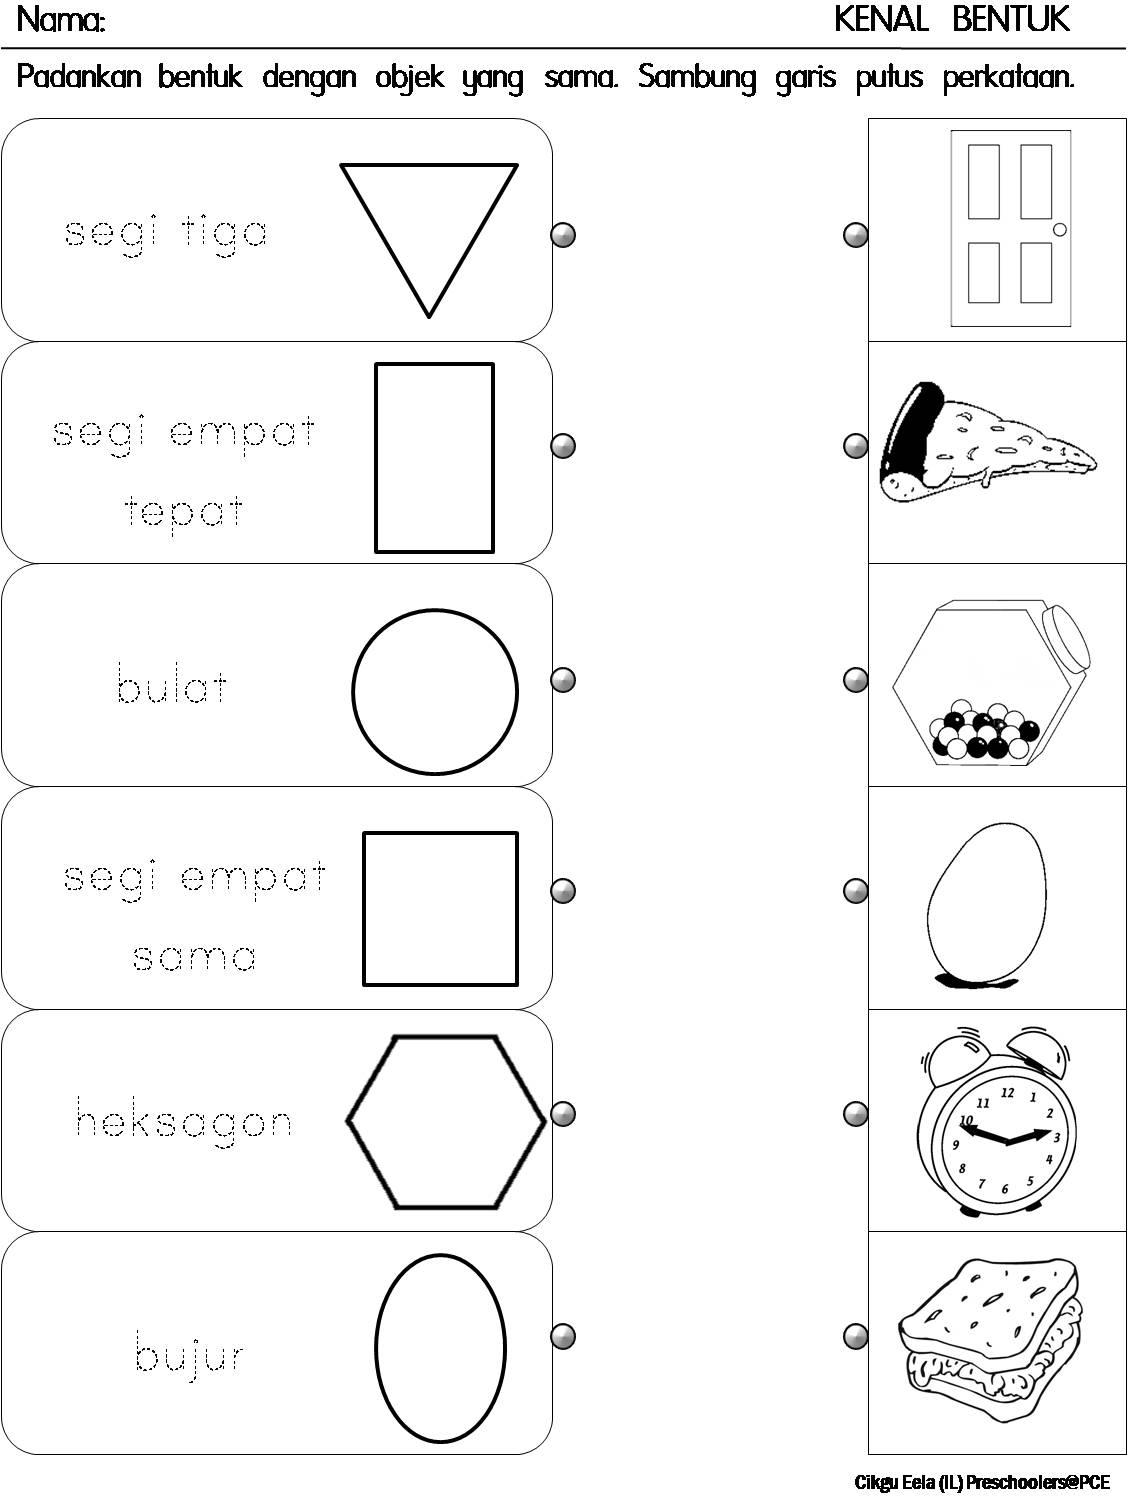 Cikgu Eela Il Preschoolers Pce Lembaran Kerja Kenal